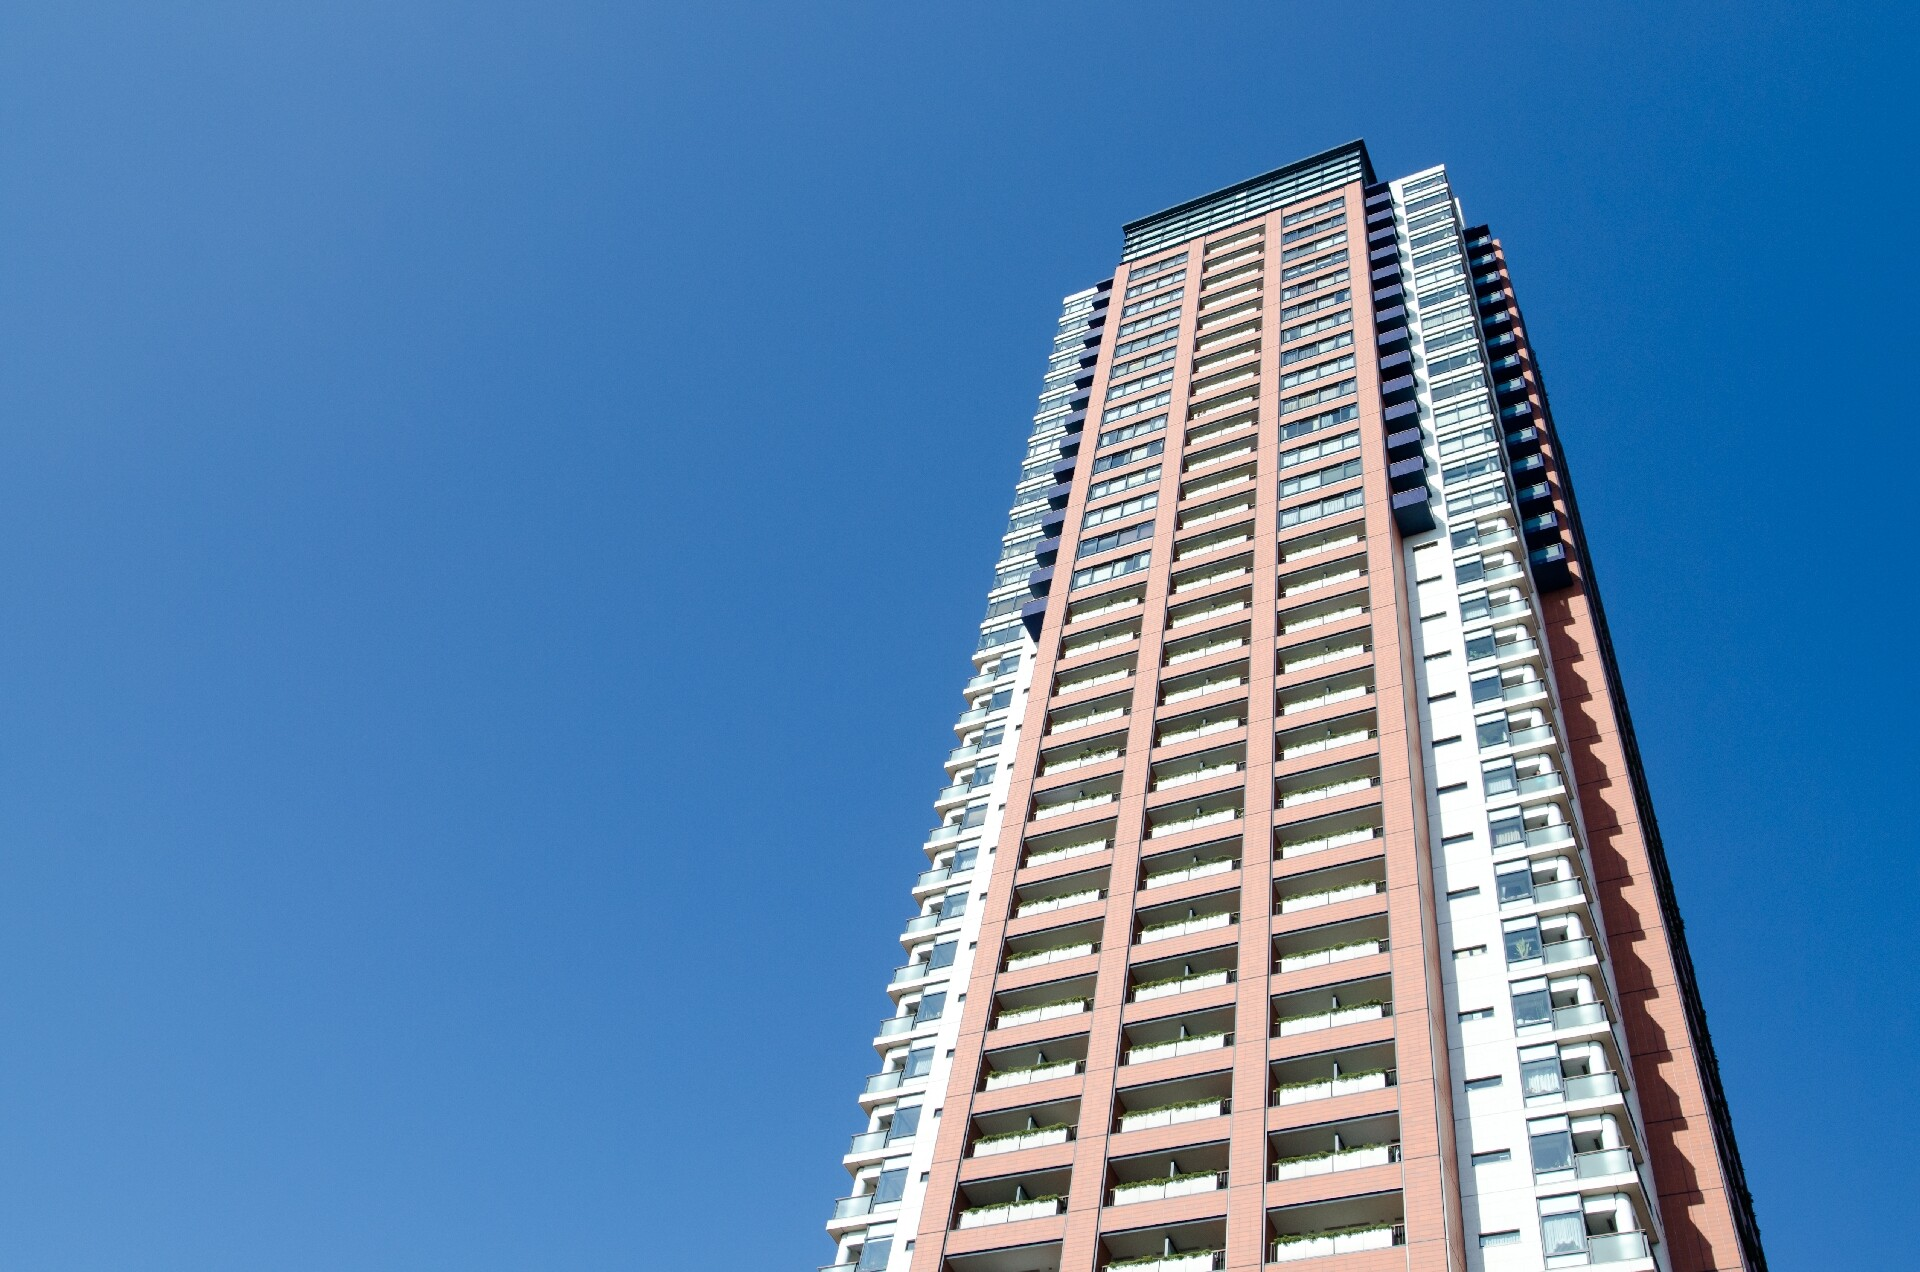 渋谷区のポスティング不可である高級マンション・高層タワーマンションにもチラシ広告をお届けします